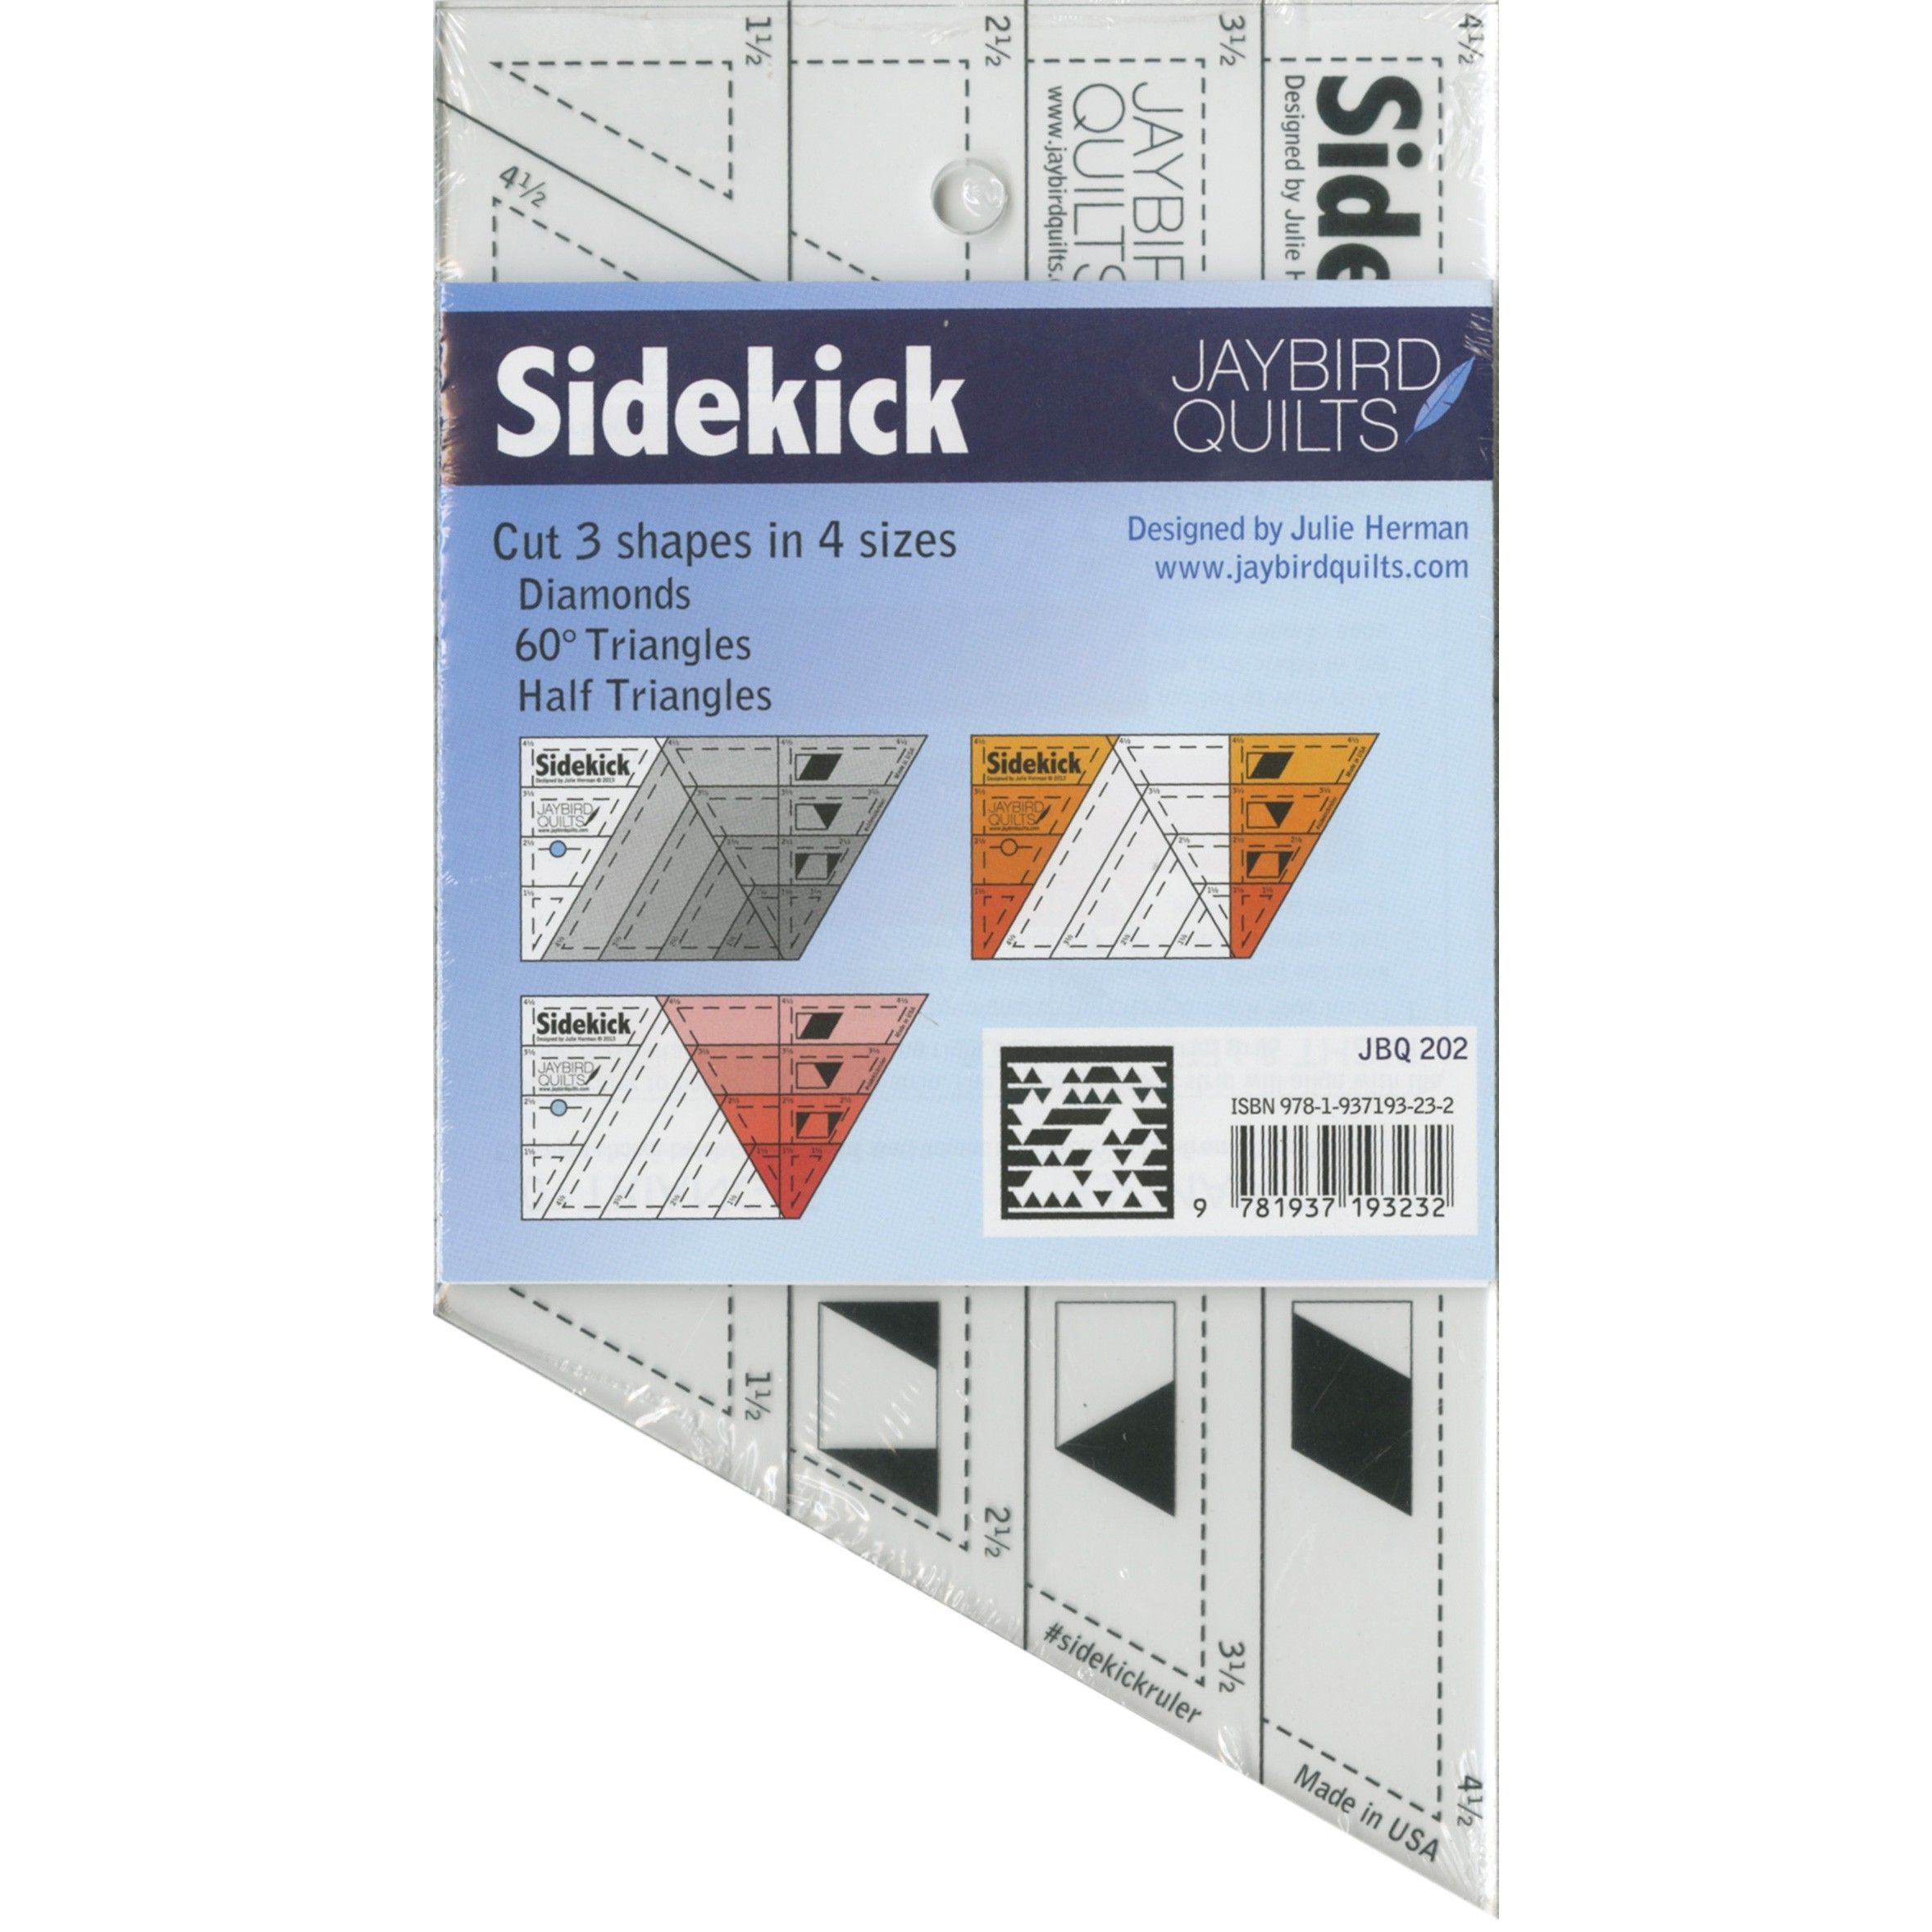 Plastic Garter /& Bra Strap Sliders with Gripping Teeth Bra Adjusters Slides Bra Strap Adjustment Buckle Slide 15mm 100Pcs per Pack, Black